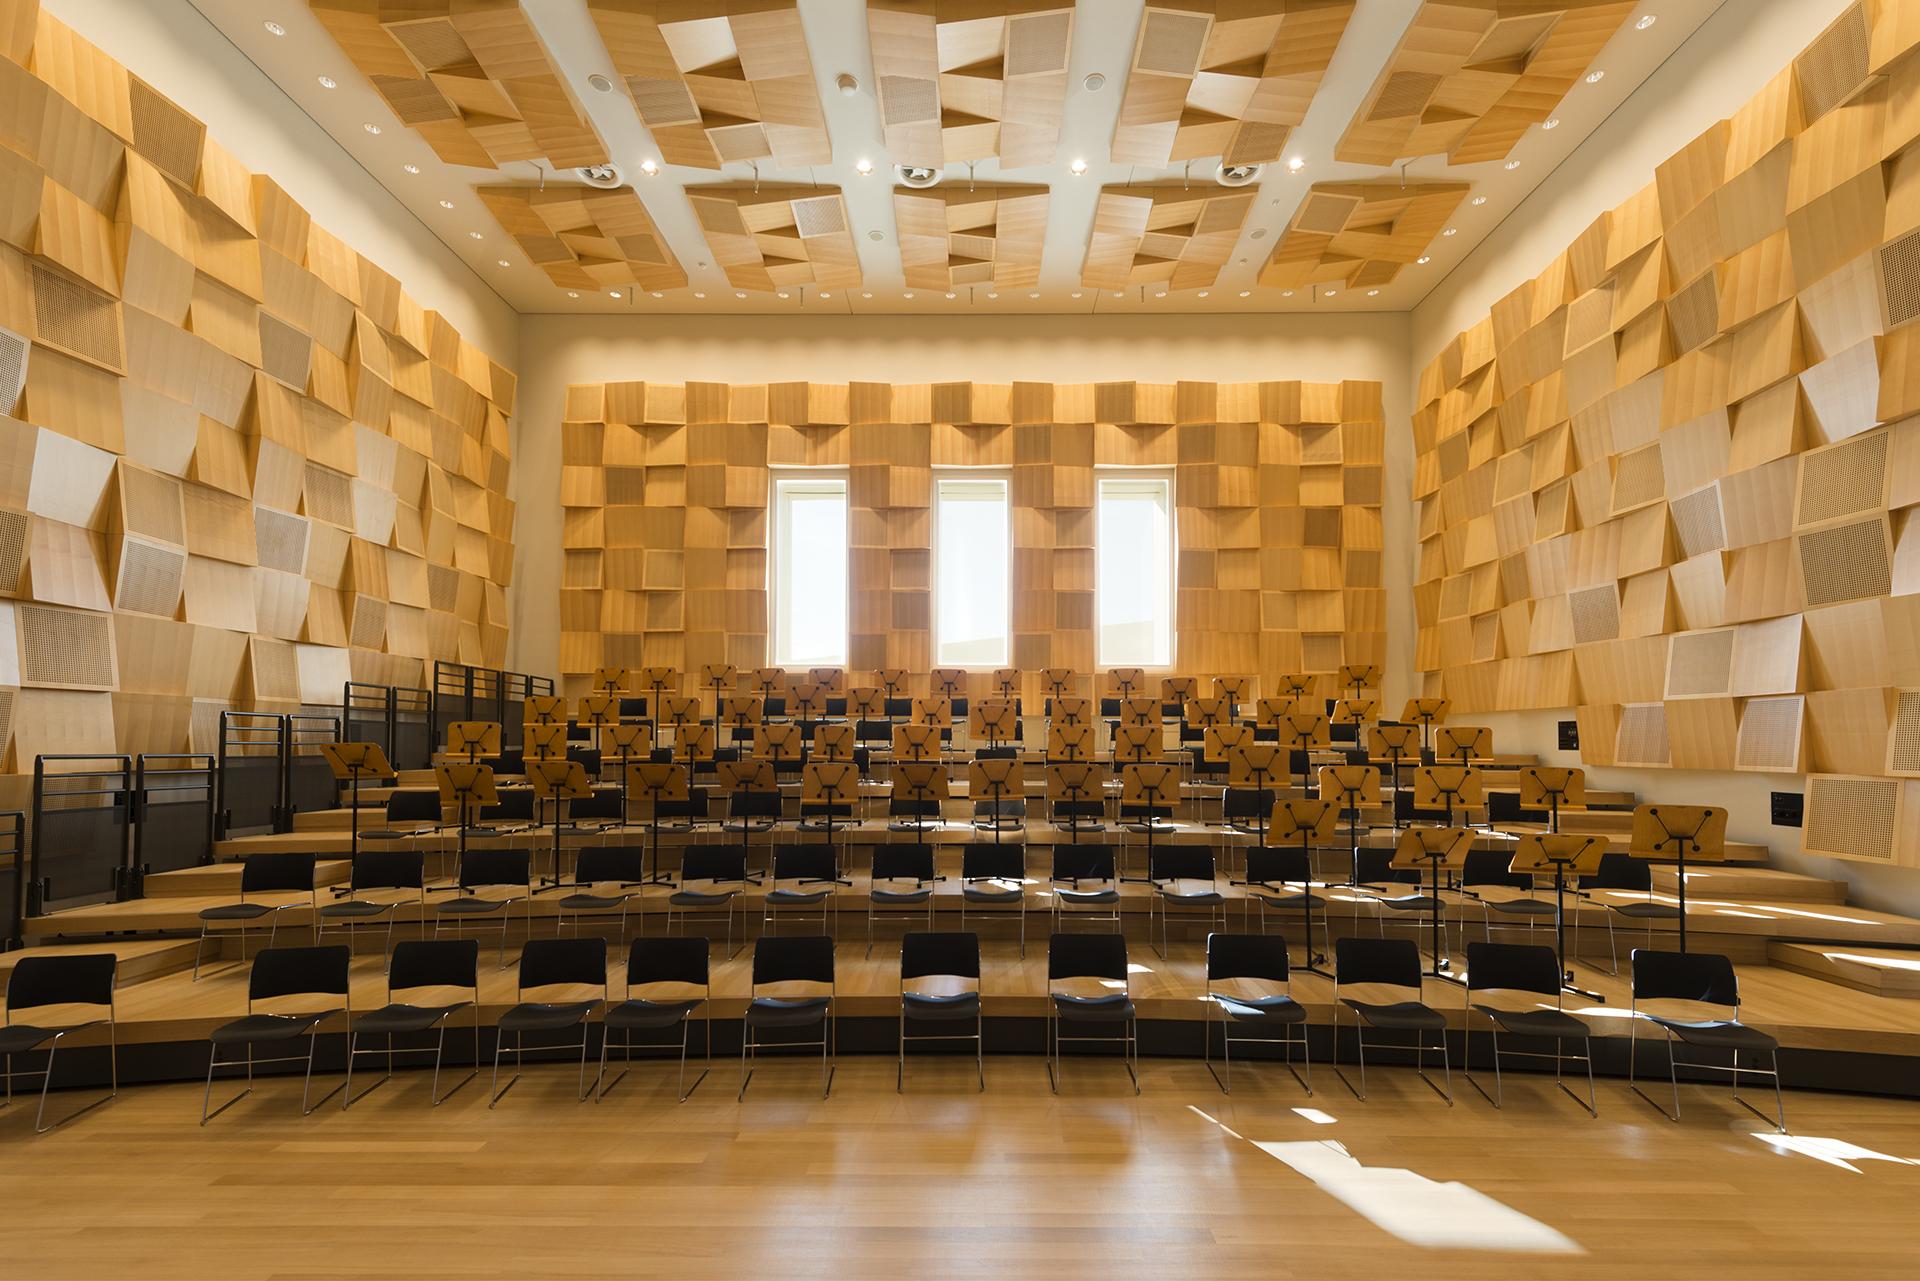 973f8829d145 Πέντε μεμονωμένοι χώροι δοκιμών για τους σολίστ μουσικούς.